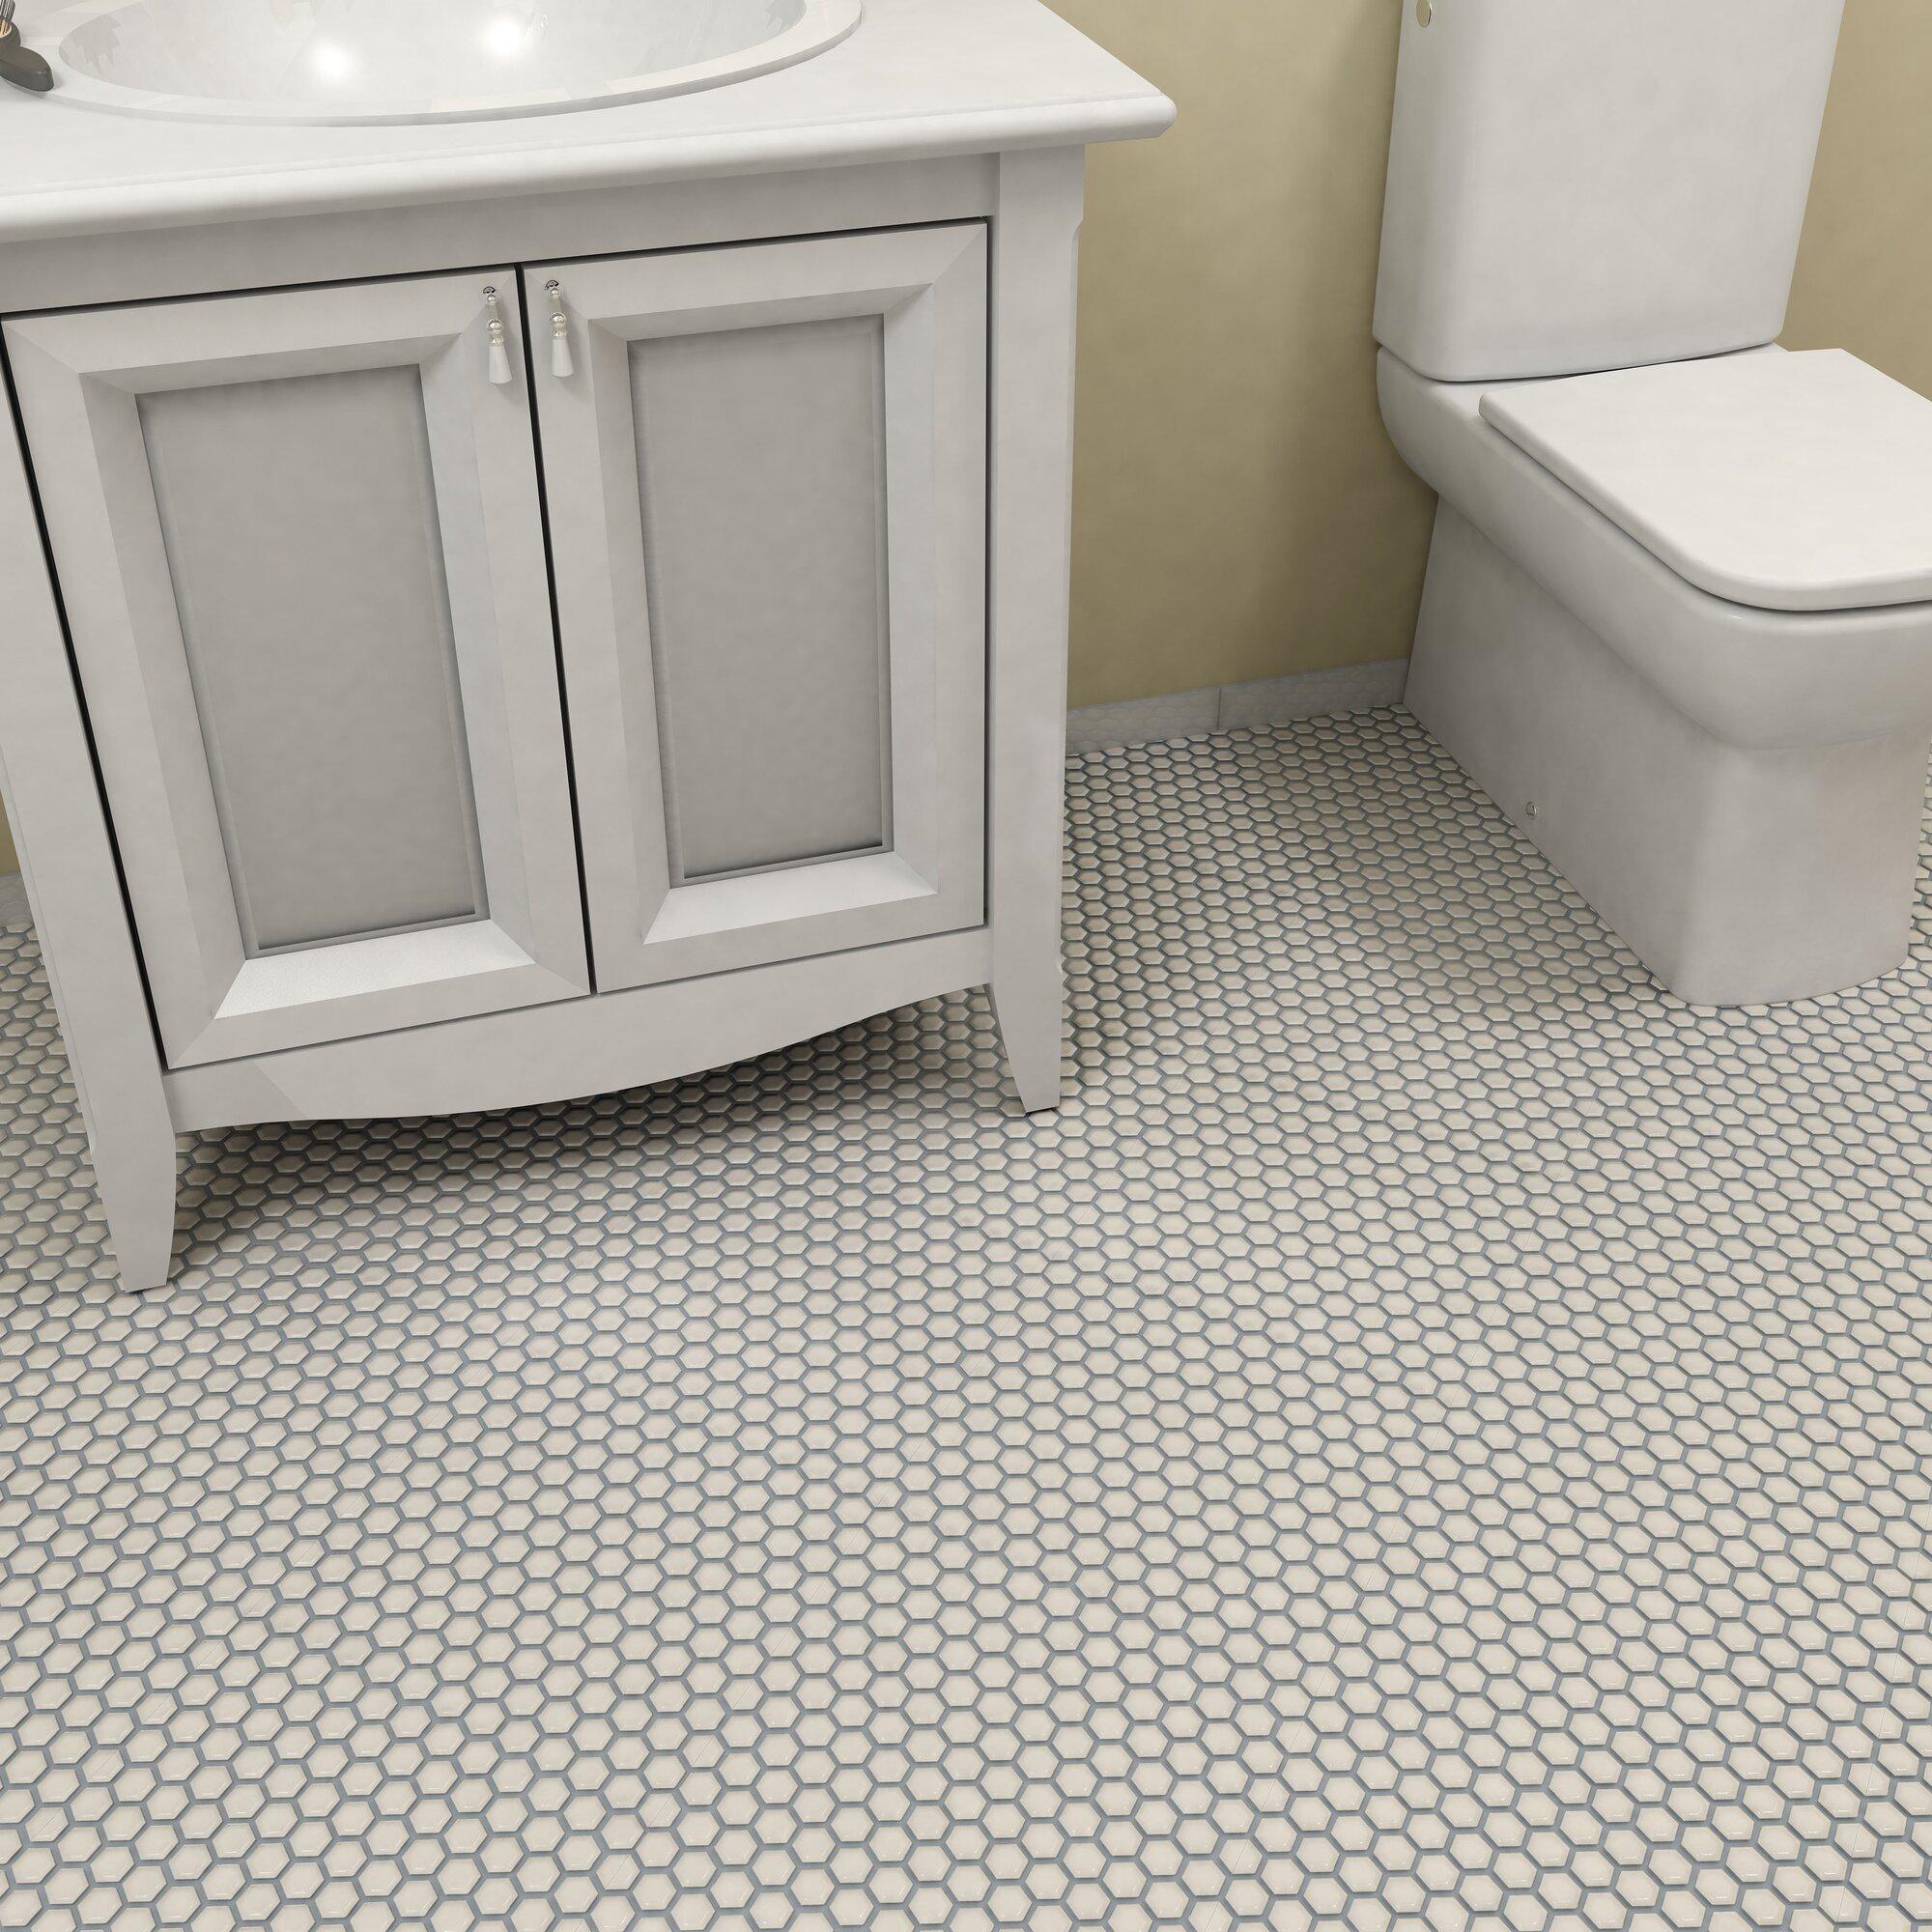 Elitetile retro x hex porcelain mosaic tile for Matte bathroom tiles